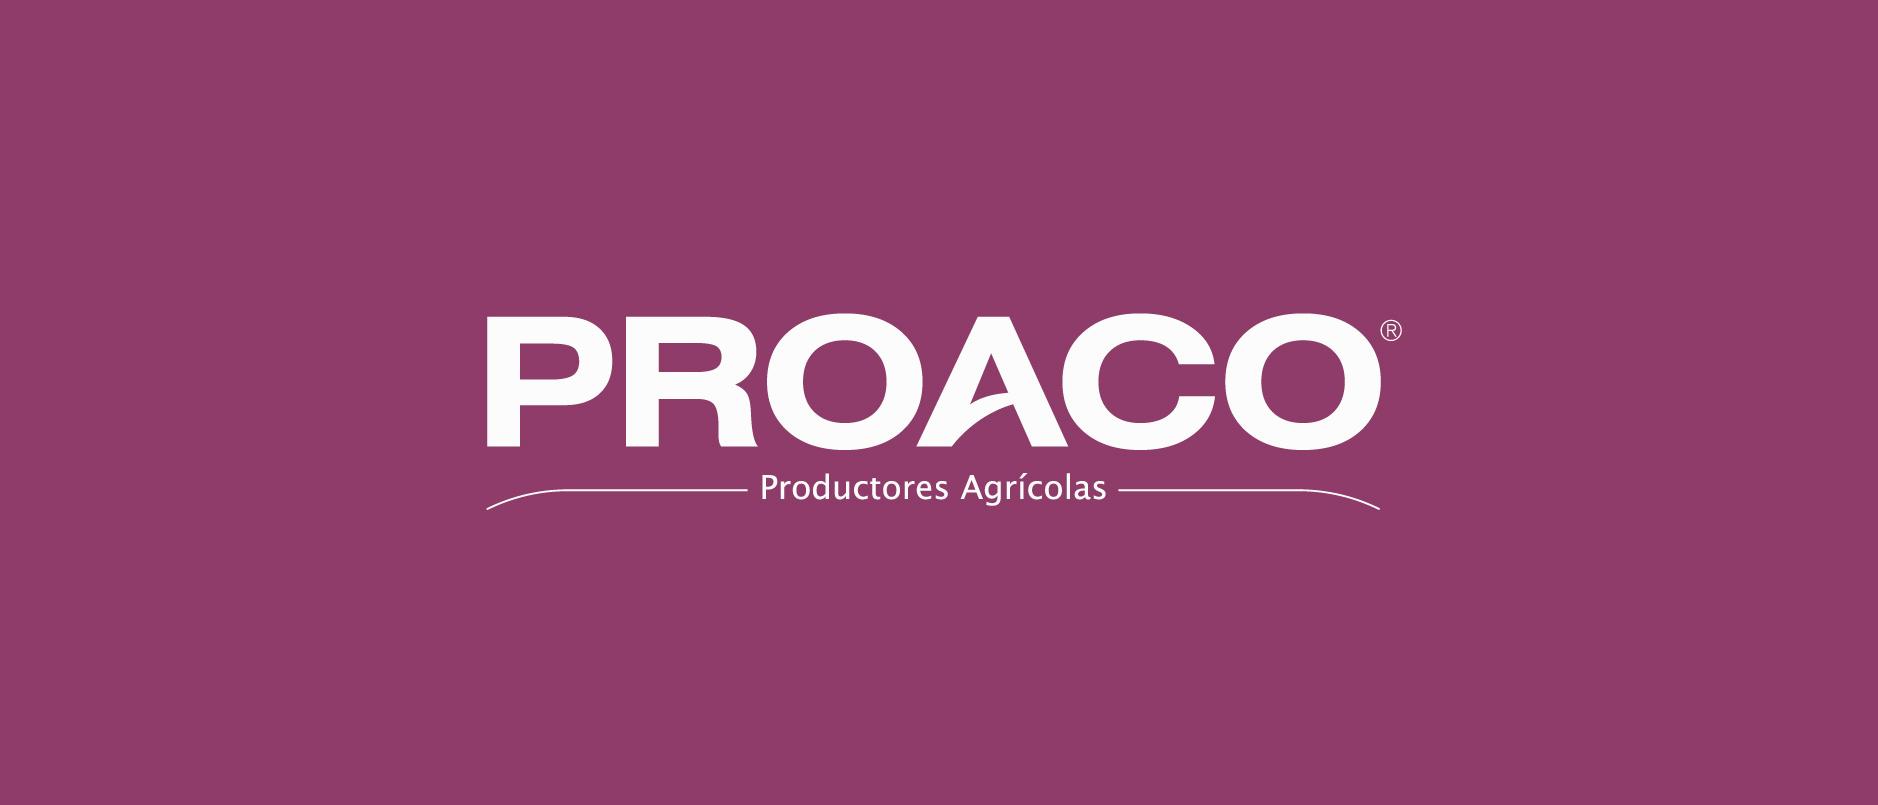 Diseño de Logotipo Proaco Productores Agrícolas - tabarestabares